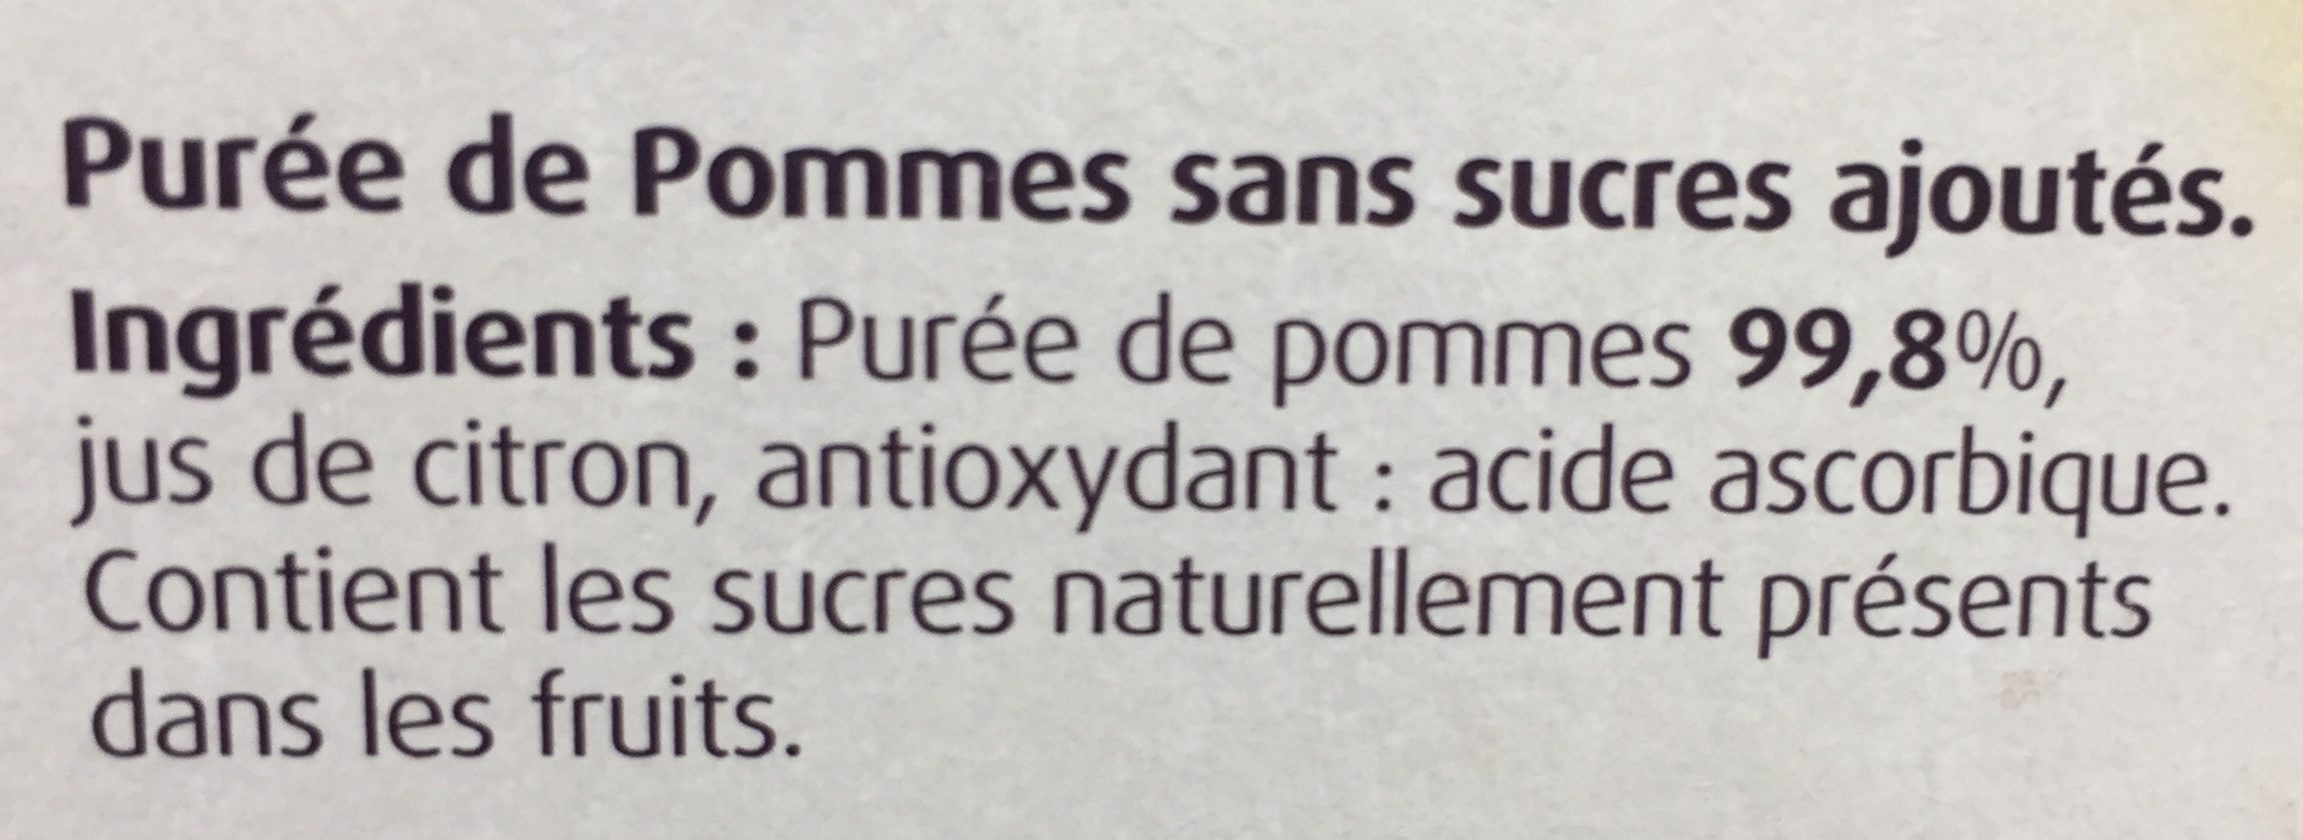 Pomme nature sans sucre ajouté - Ingrédients - fr